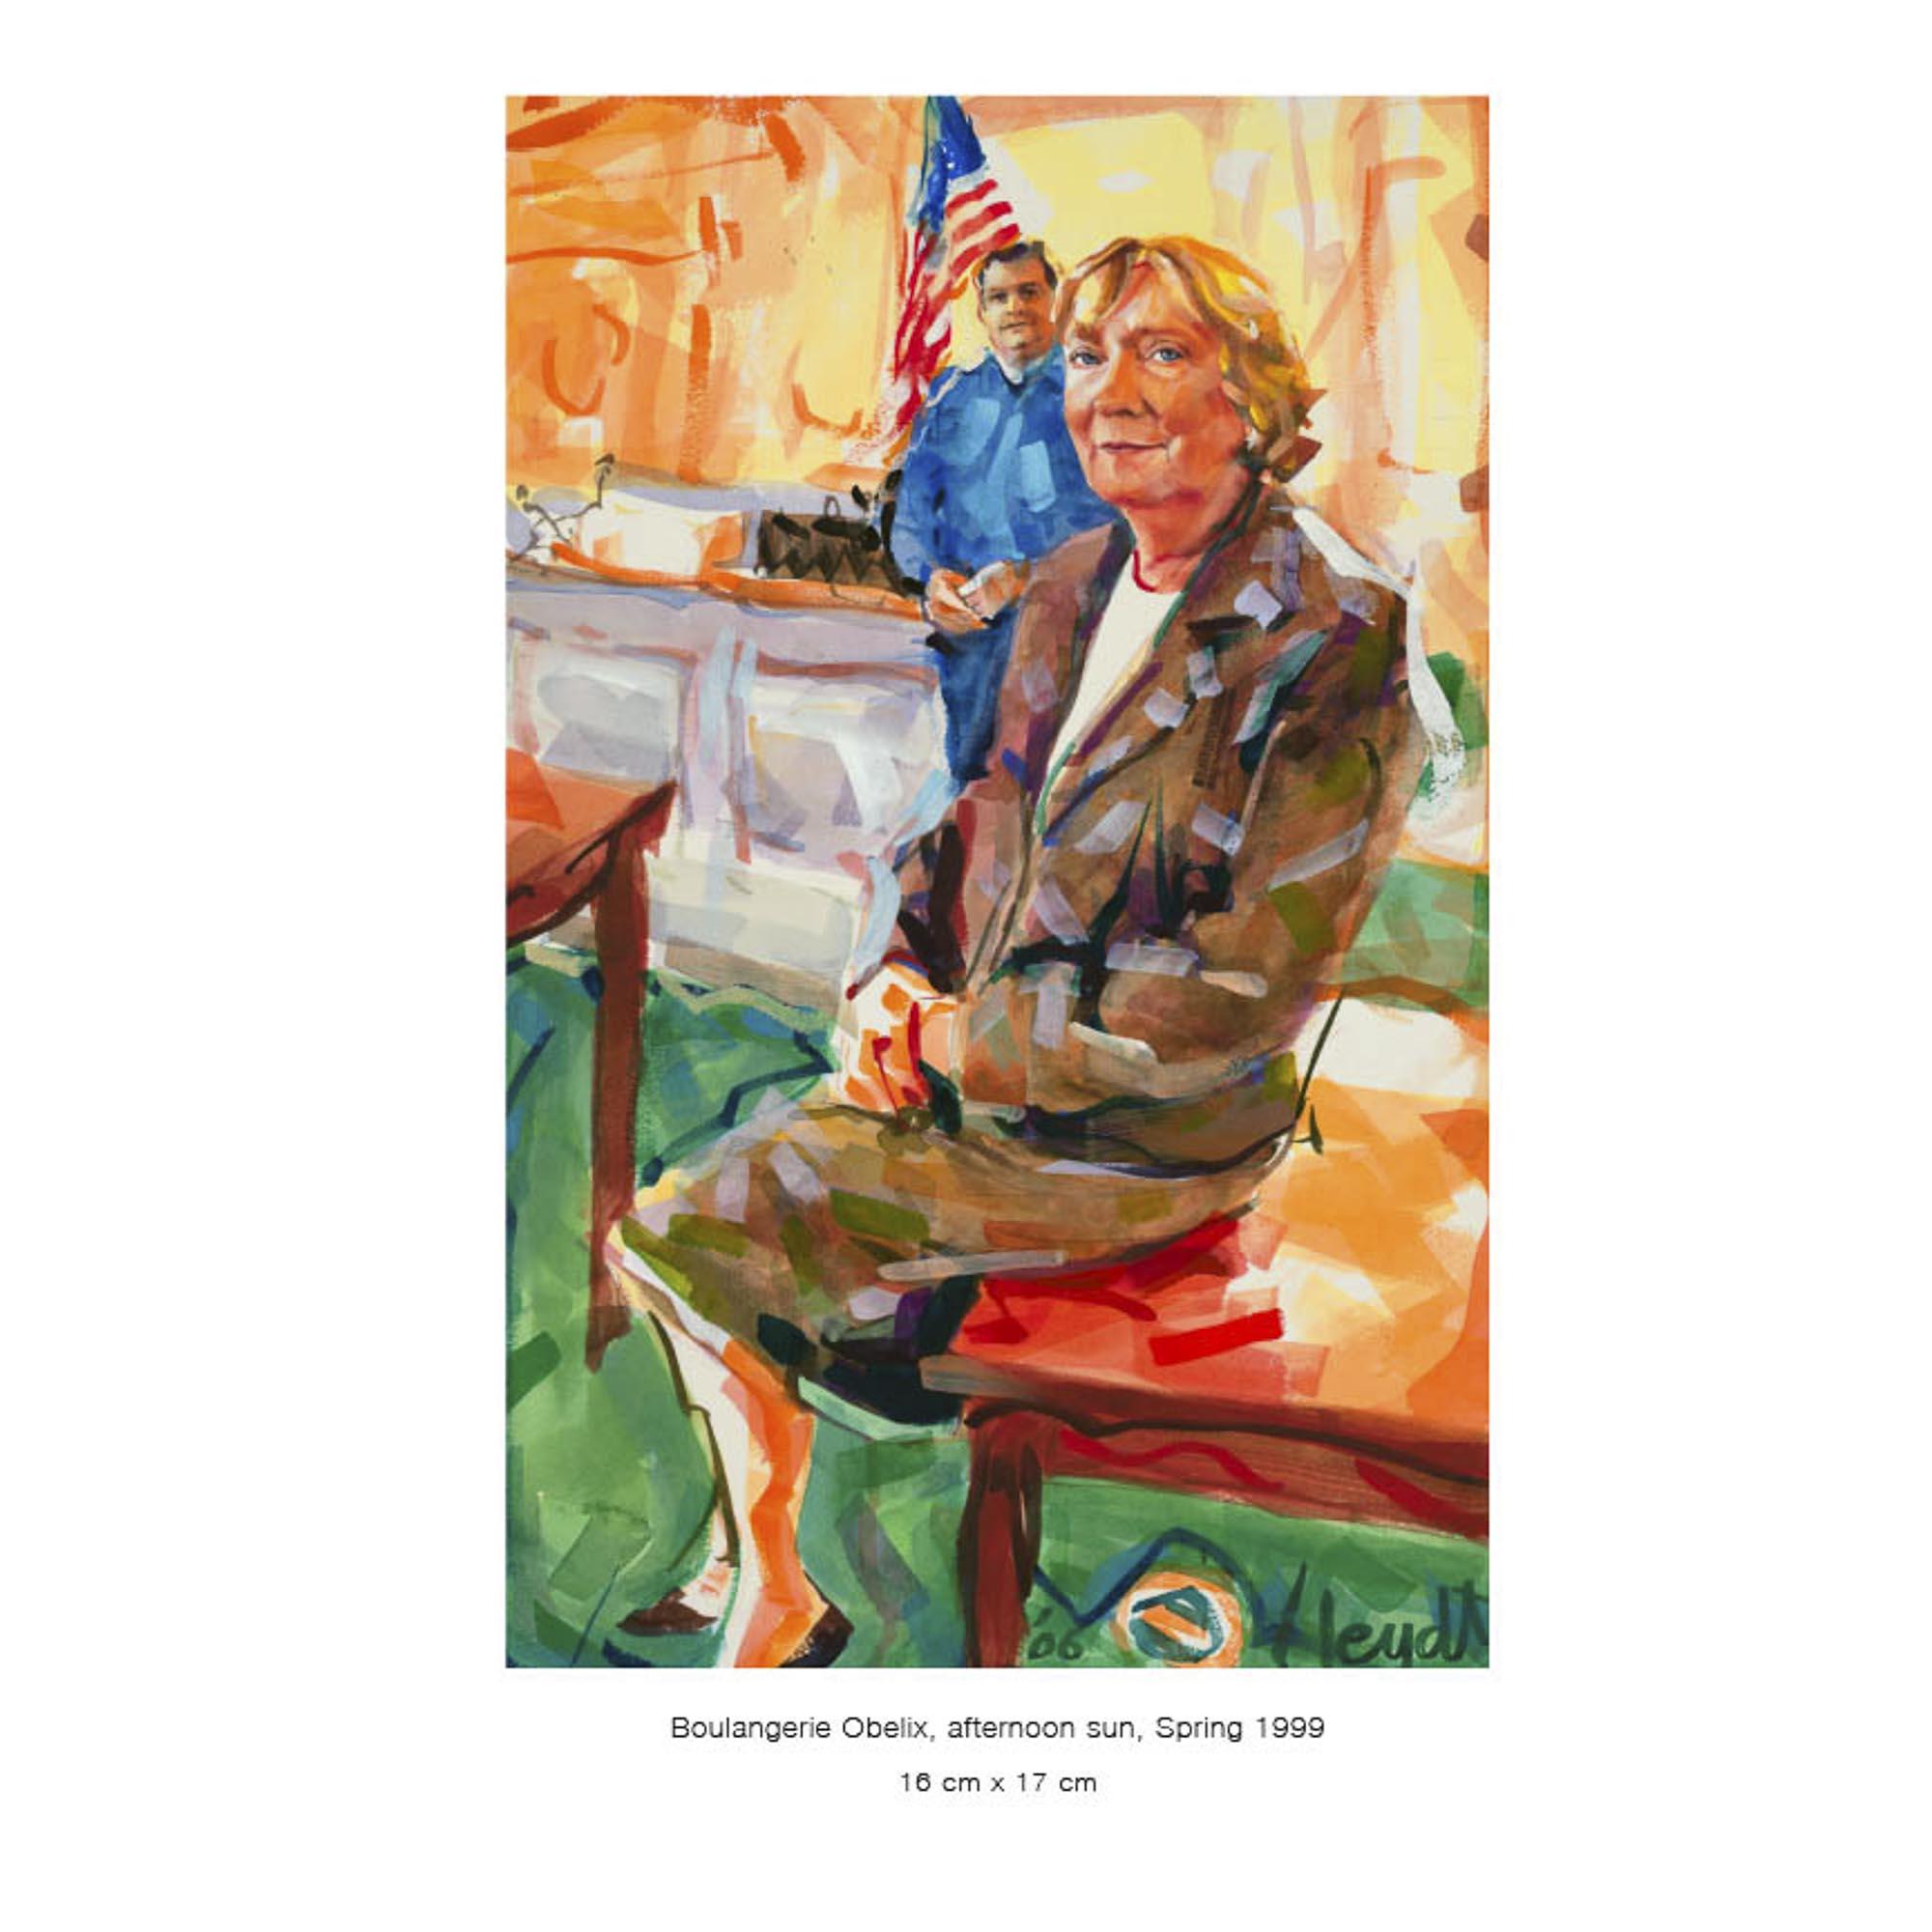 Book 5 - Newportant People Too19.jpg